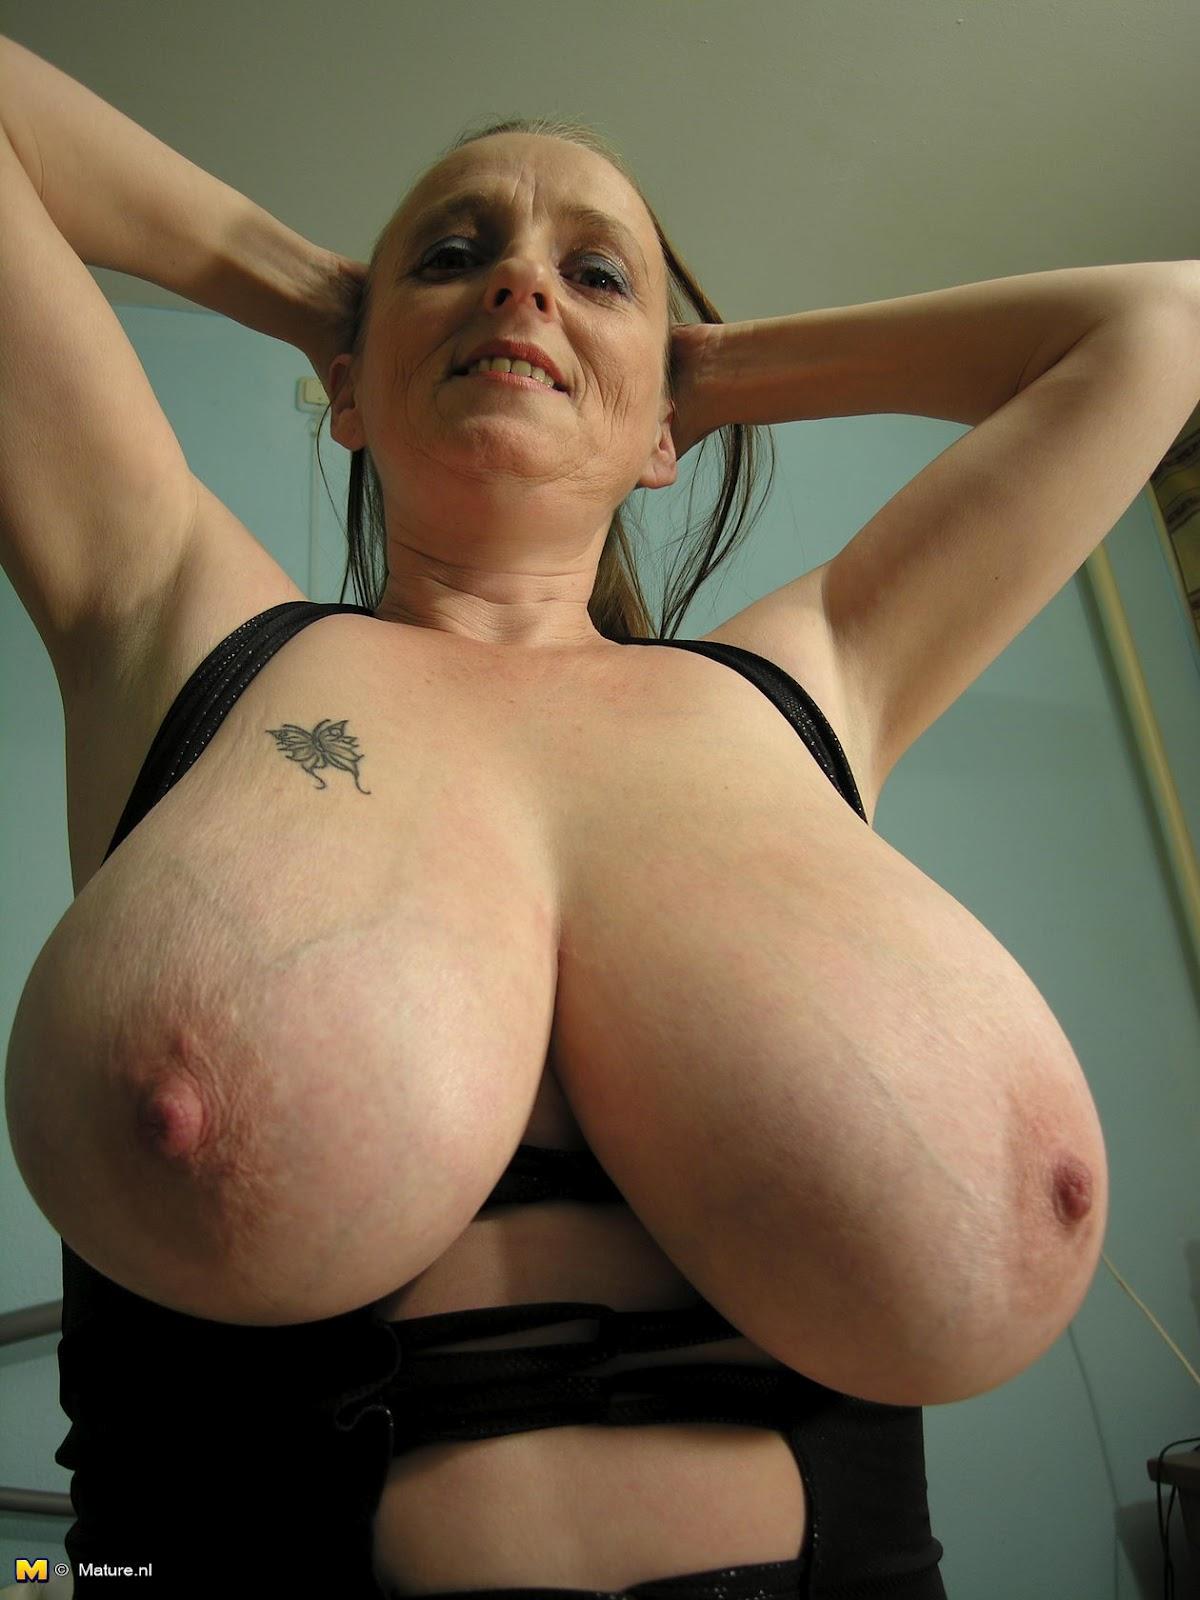 Tits mature free pics, hot women porn